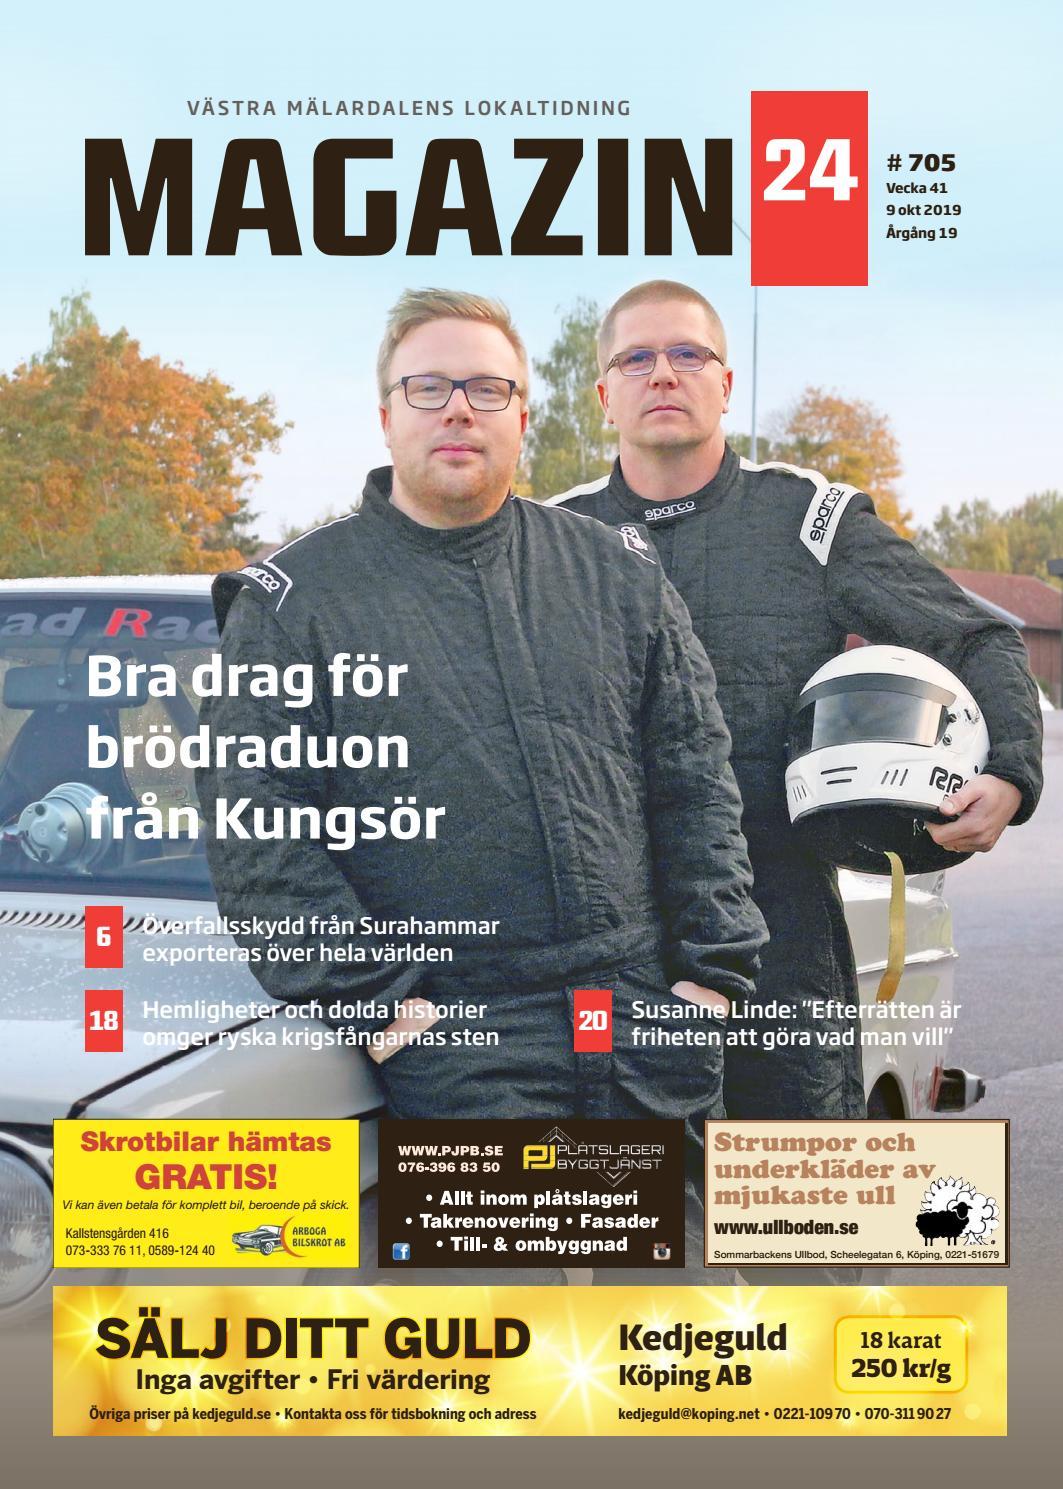 Pr Olof Svensson, Sdra Kyrkogatan 1, Kungsr | redteksystems.net